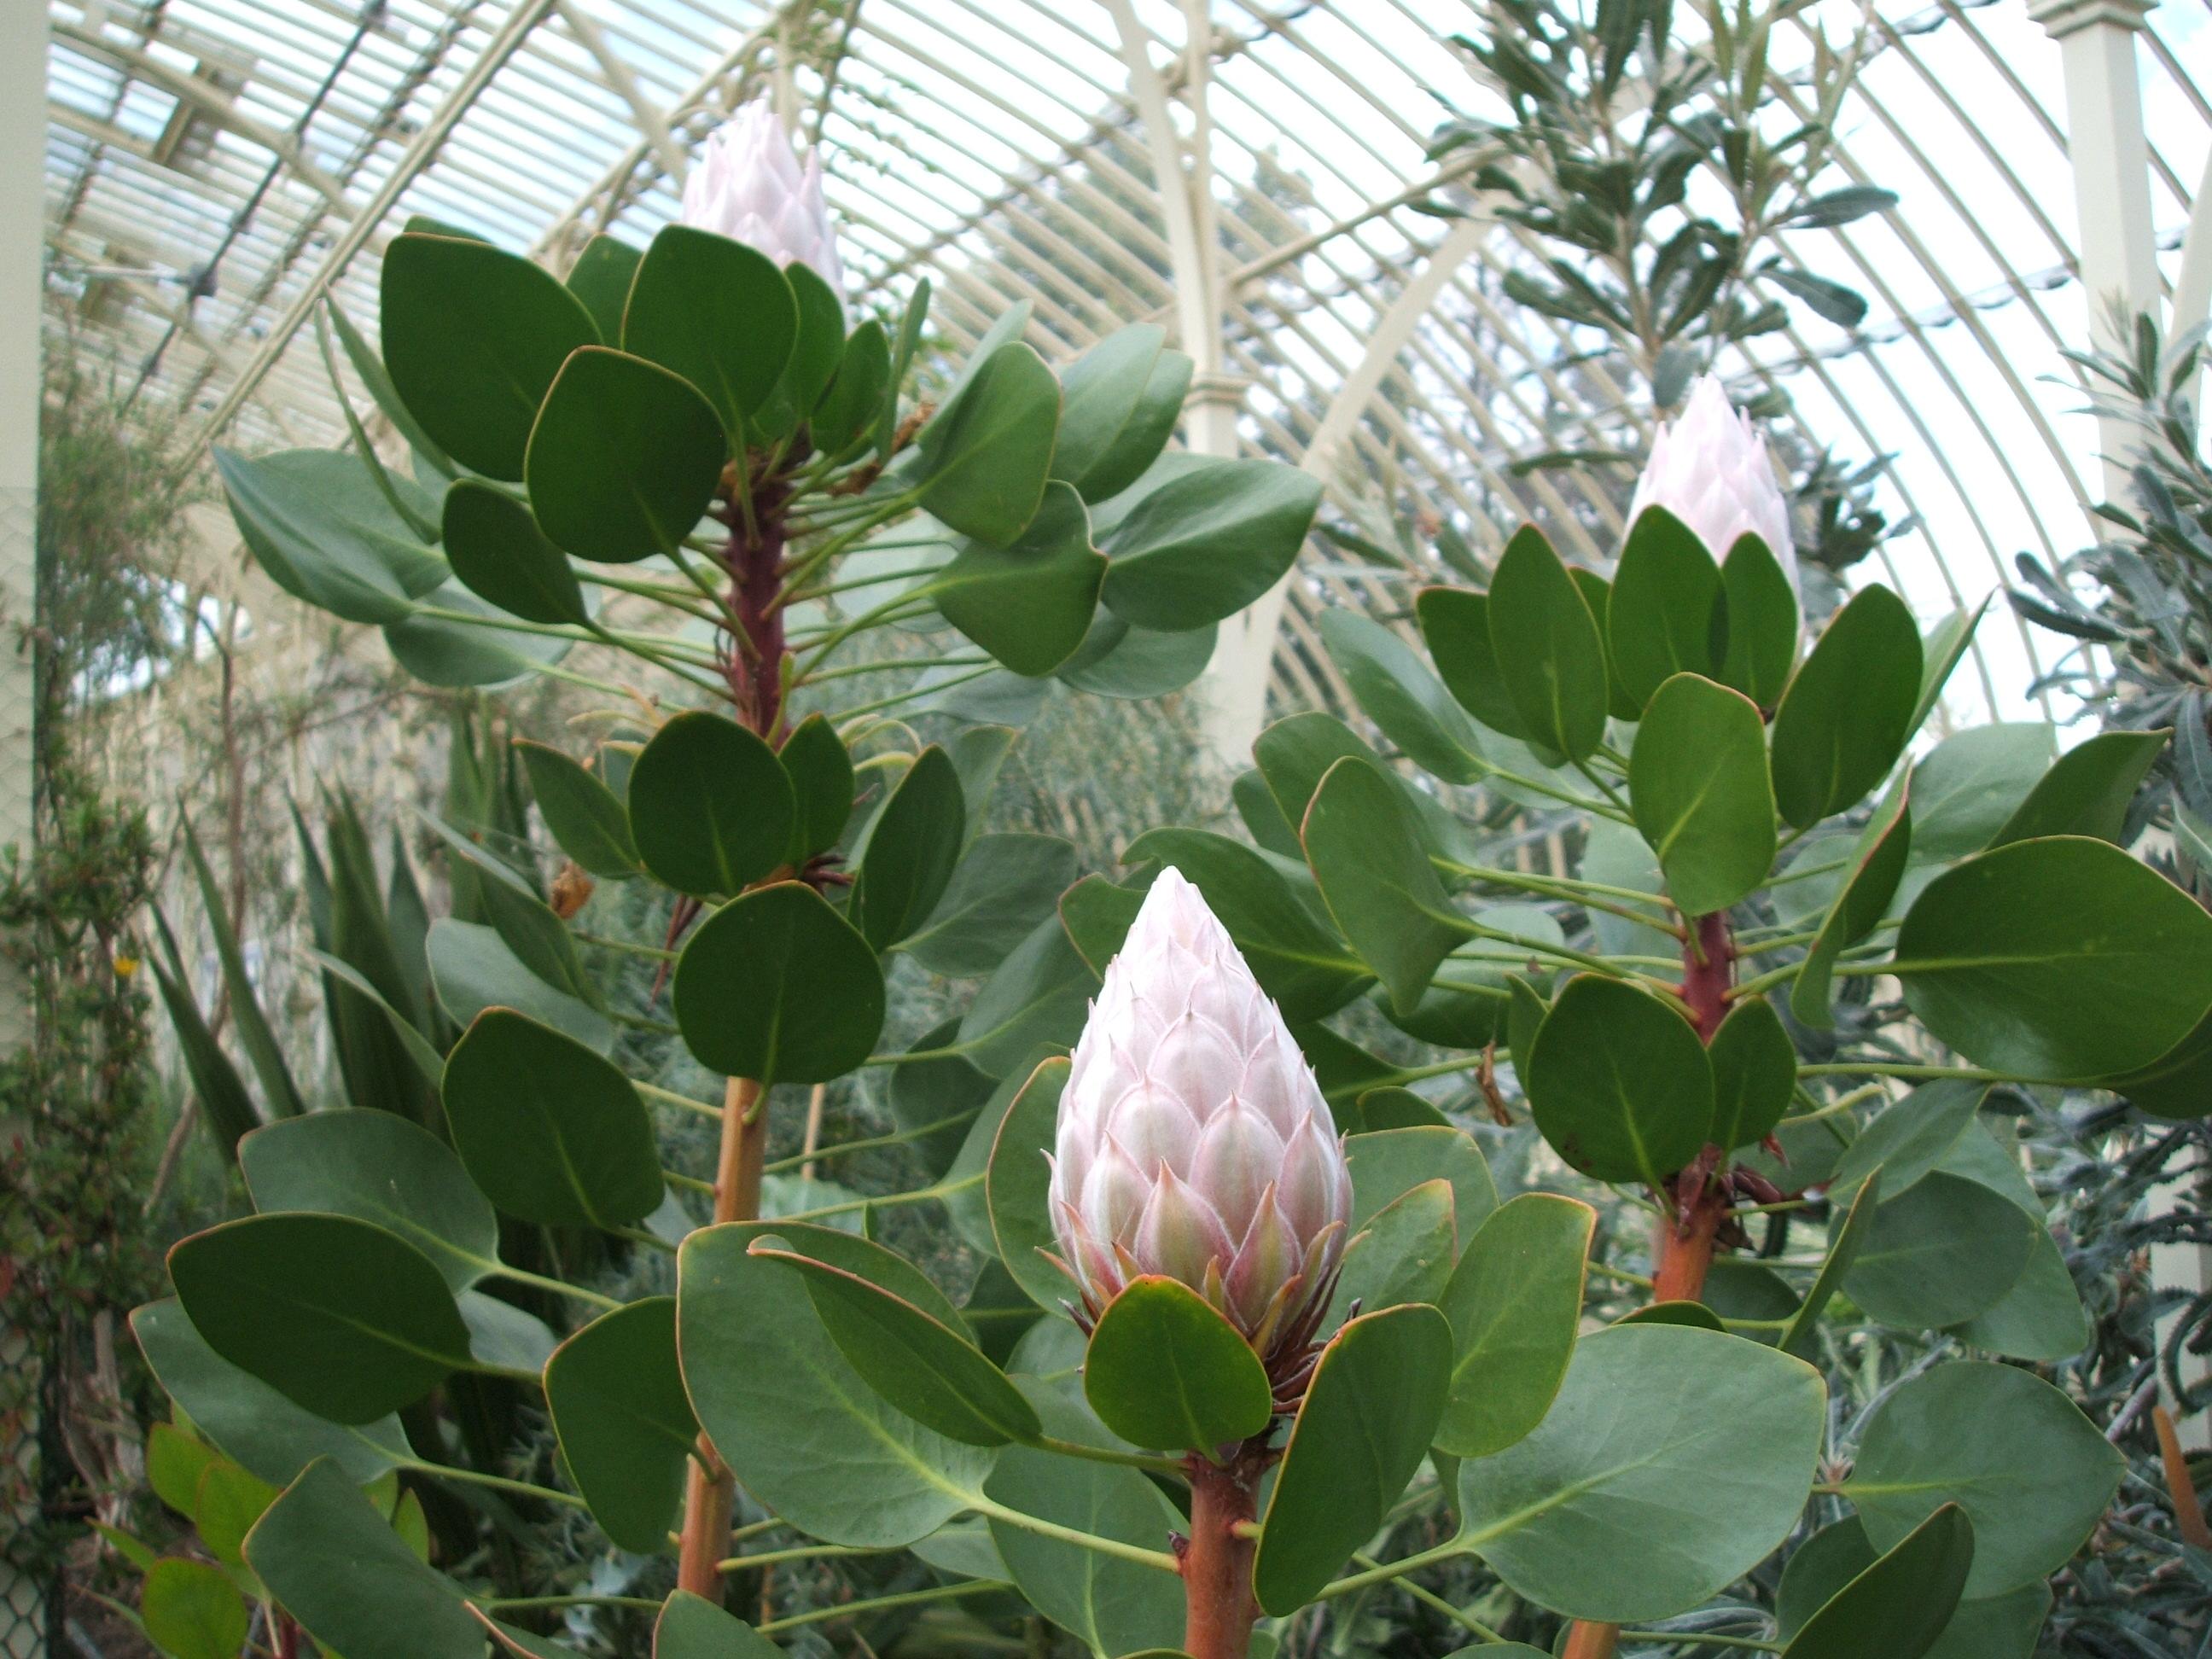 One of the beautiful Australian plants in the Curvilenear Range